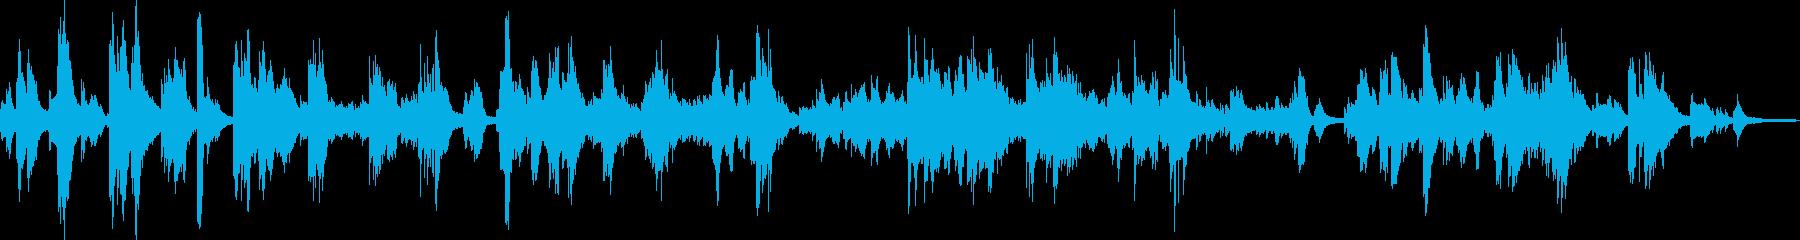 エレガンスで舞うようなピアノ曲(明るめ)の再生済みの波形